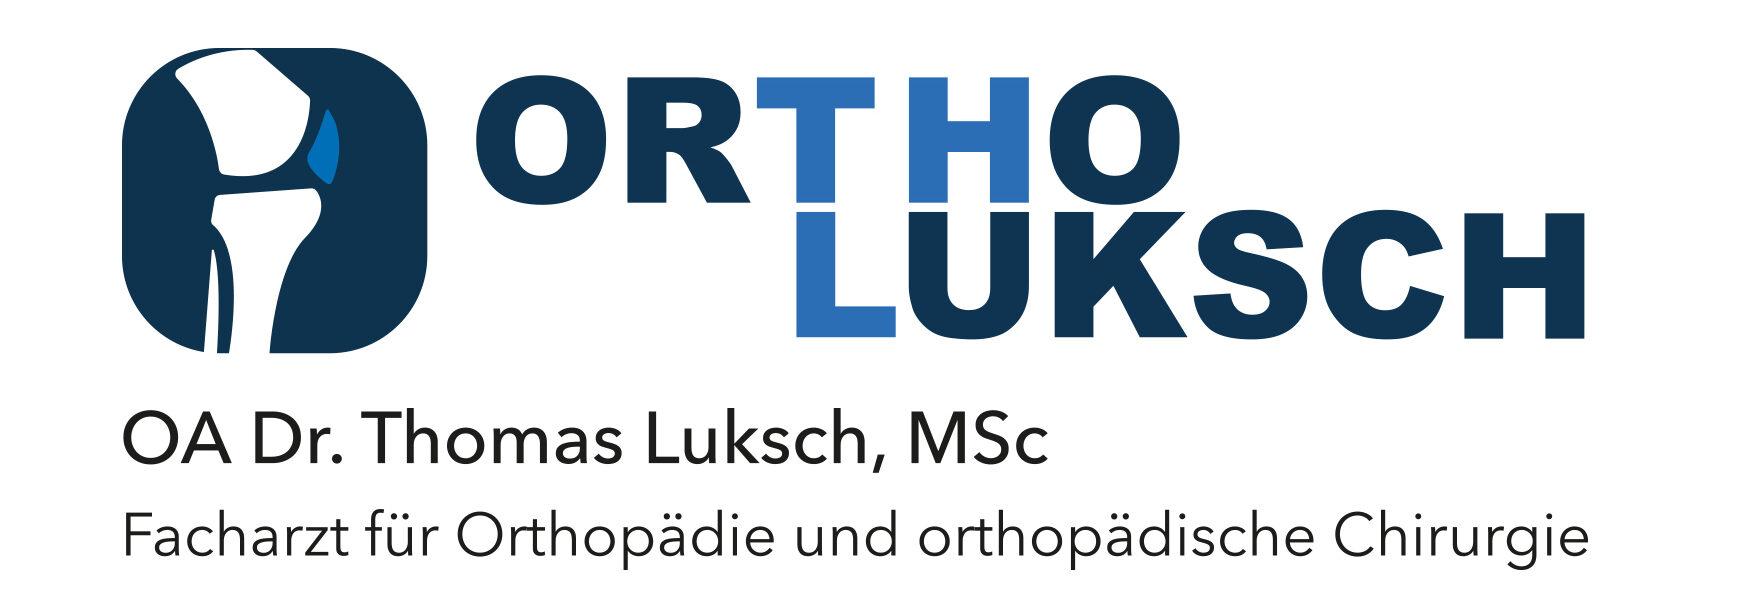 Ortho Luksch